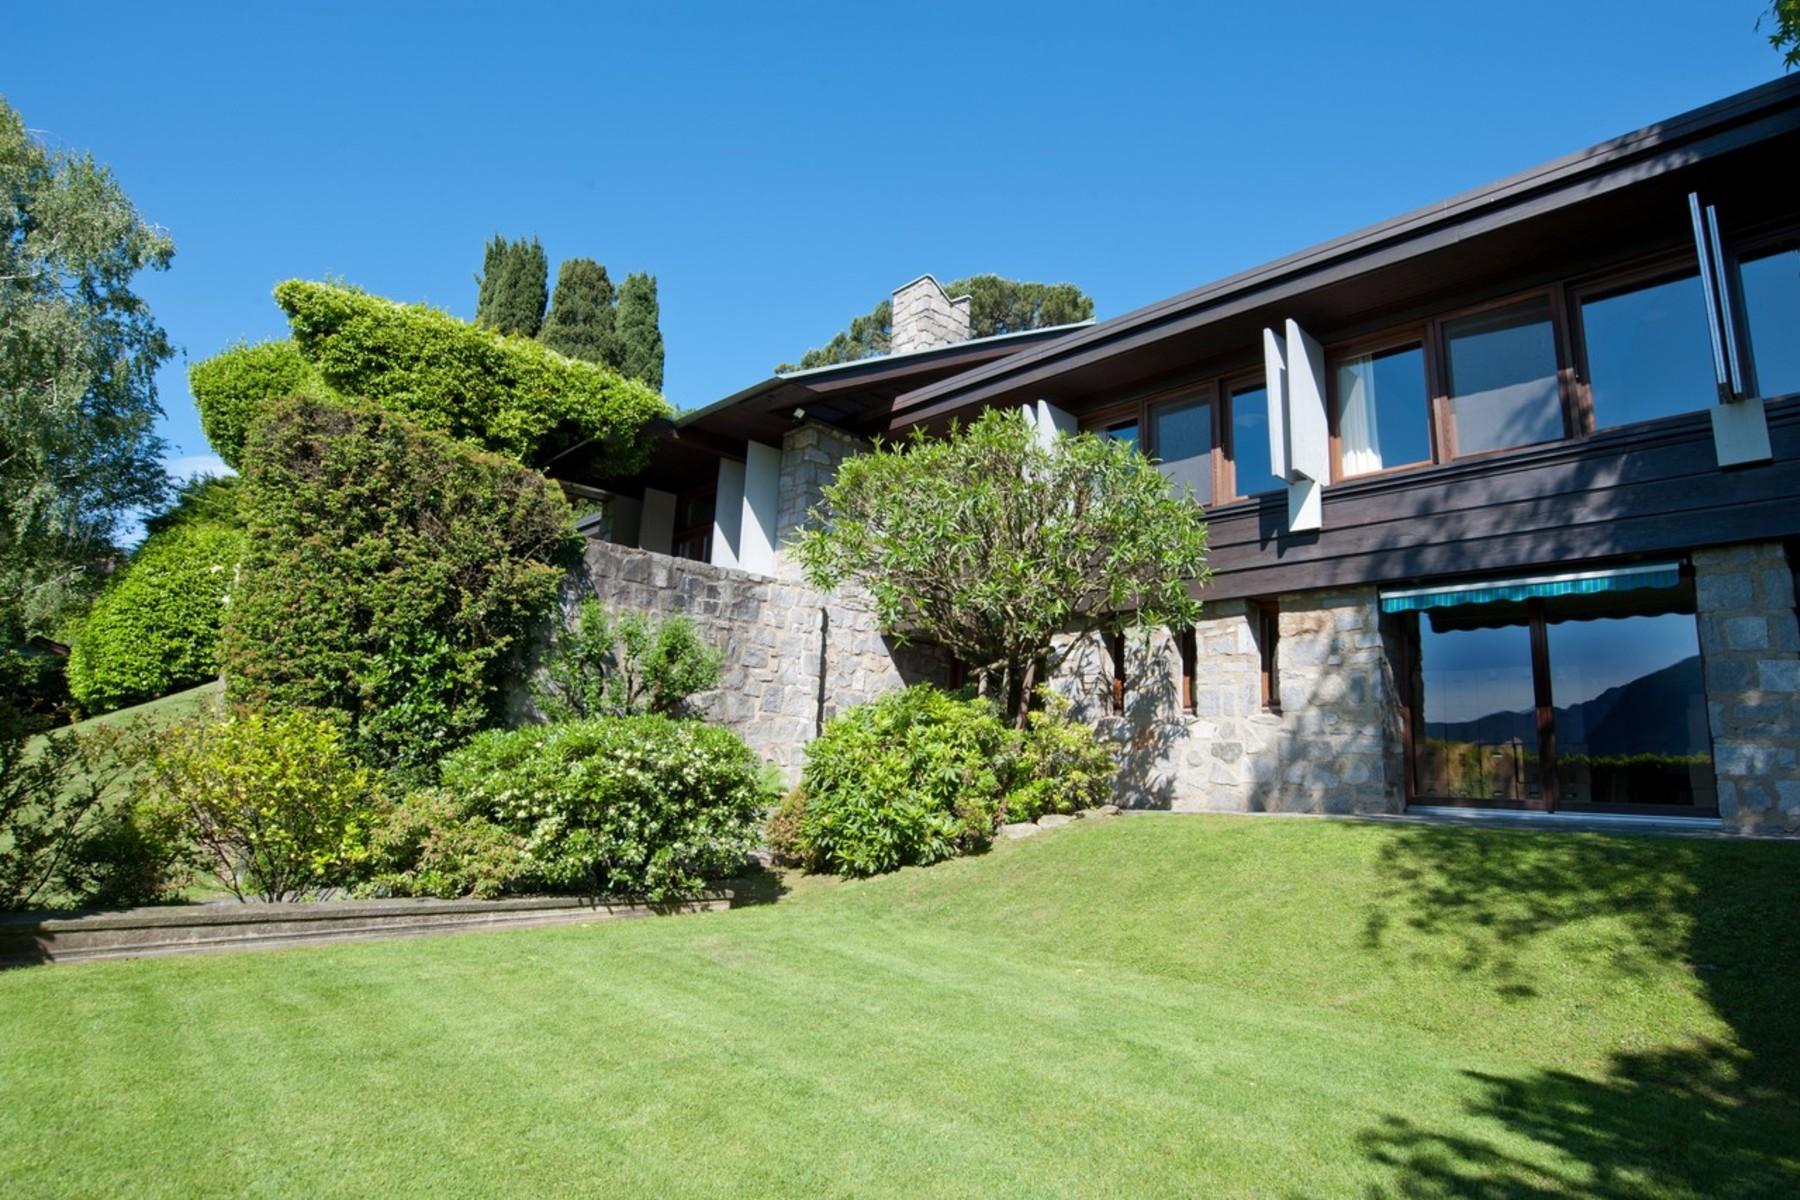 واحد منزل الأسرة للـ Sale في Elegant villa in prestigious area Savosa, Savosa, Ticino, 6942 Switzerland